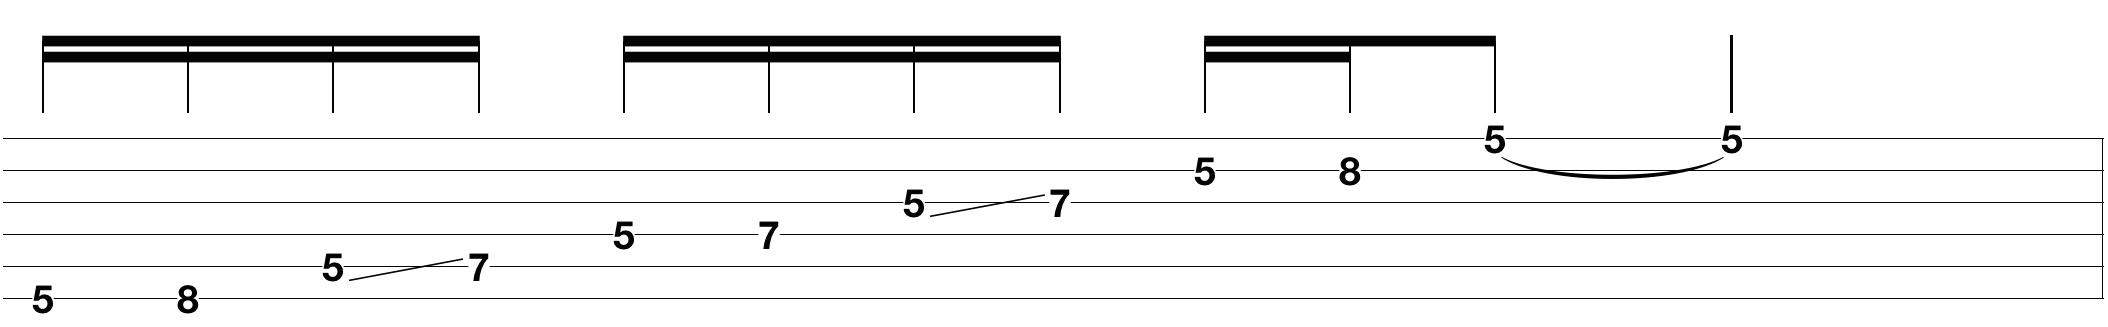 slide-guitar-tips_2.png